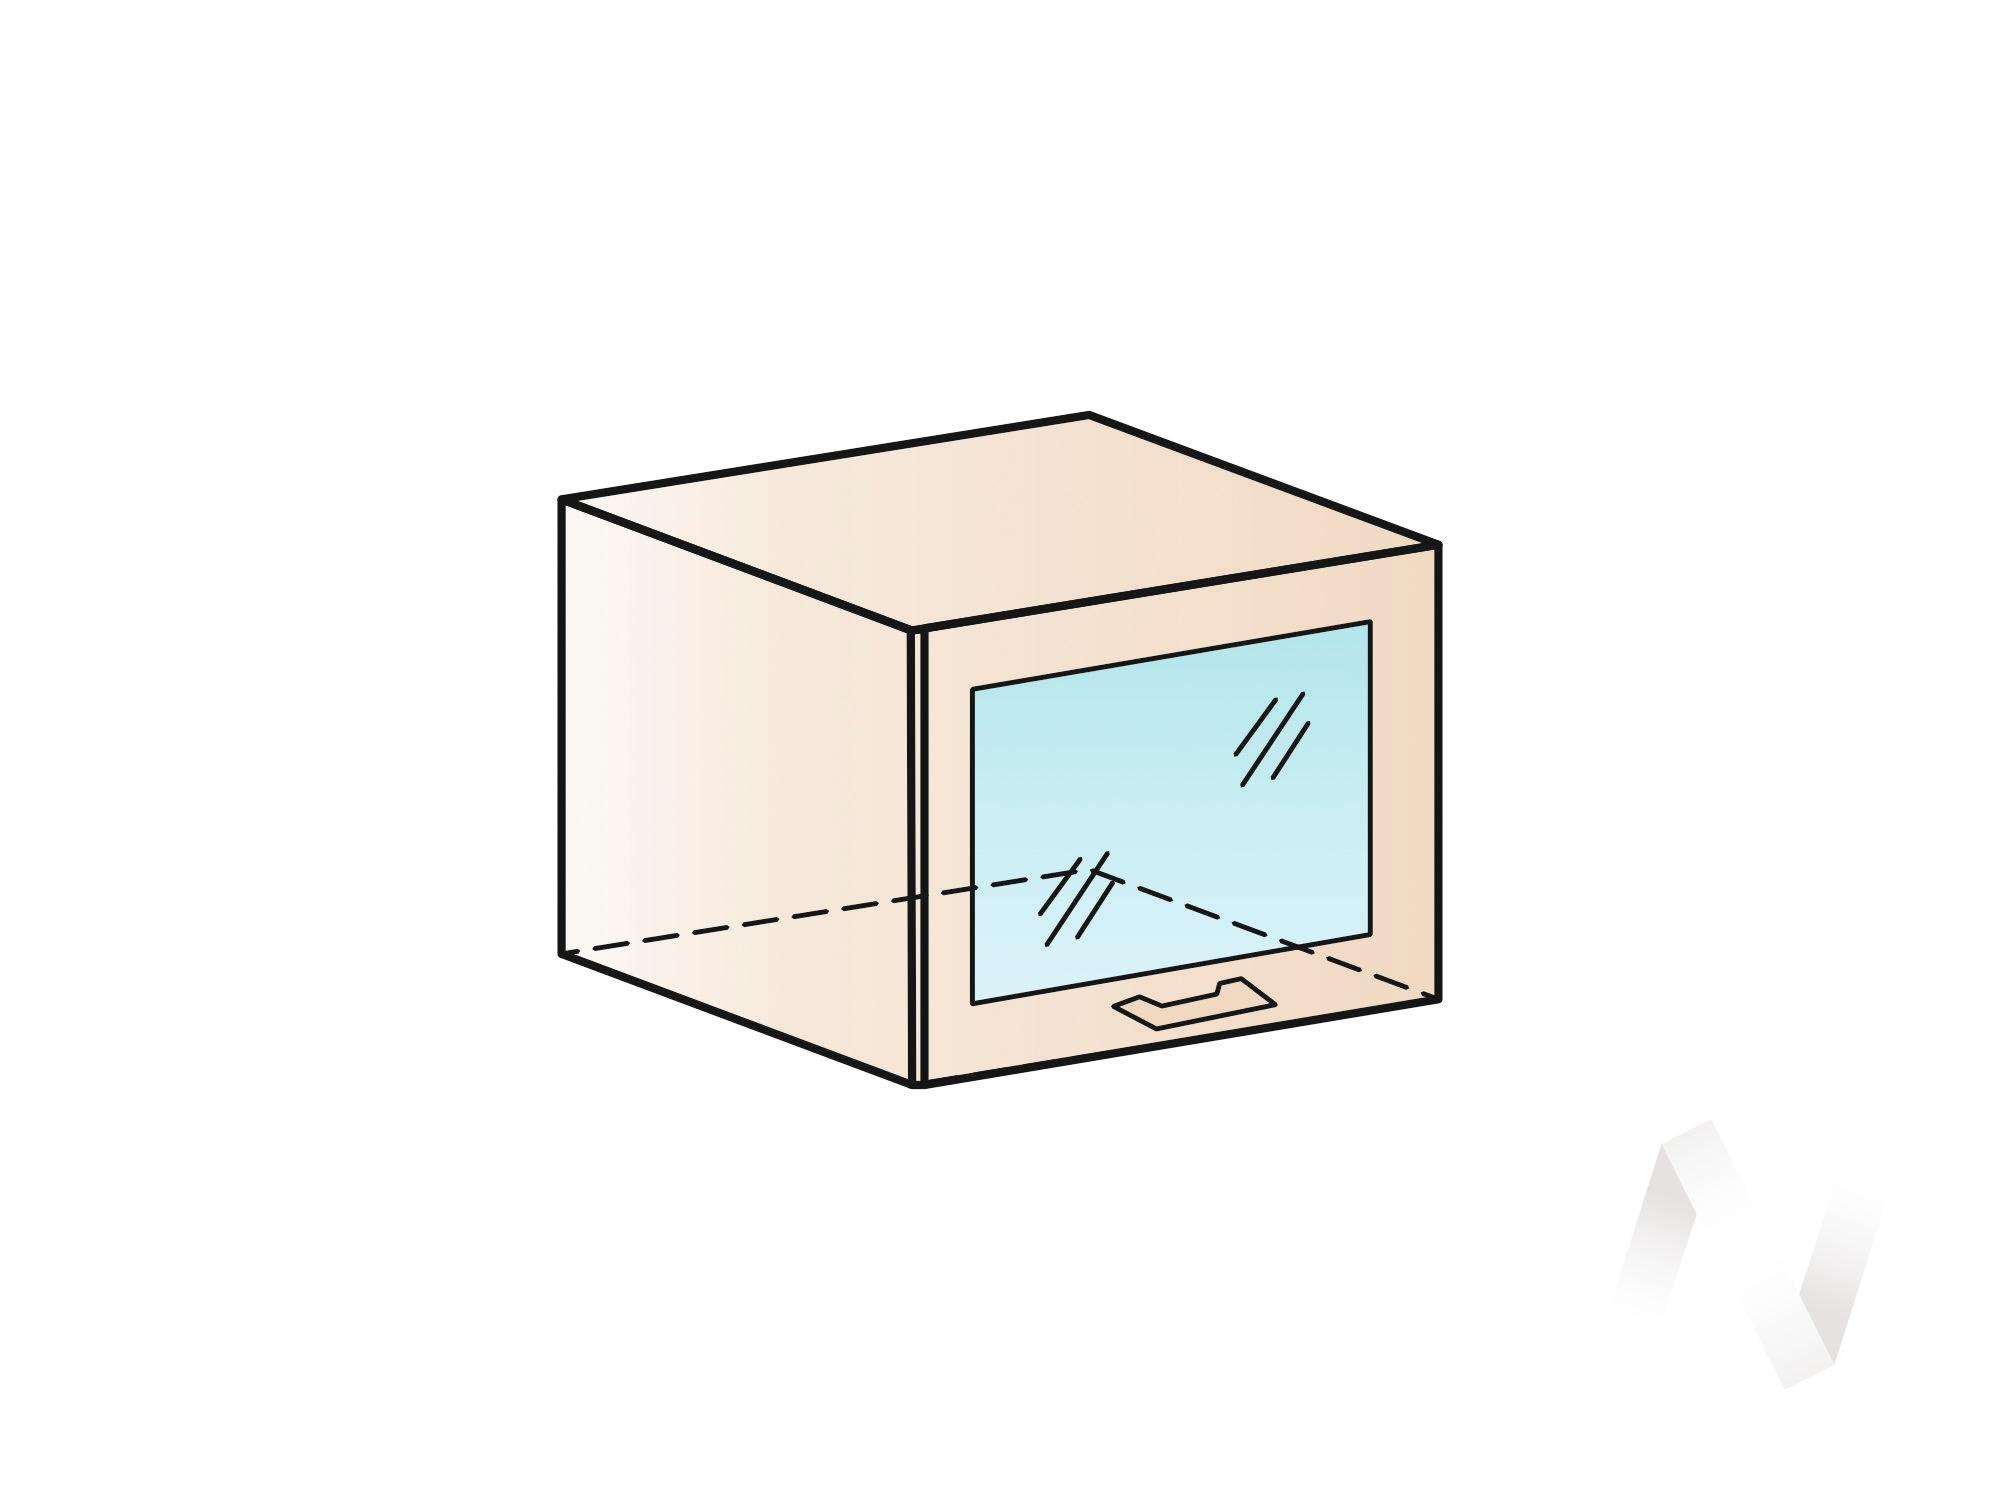 """Кухня """"Люкс"""": Шкаф верхний горизонтальный со стеклом 500, ШВГС 500 (Гобелен шампань/корпус белый) в Томске — авторская мебель Экостиль"""